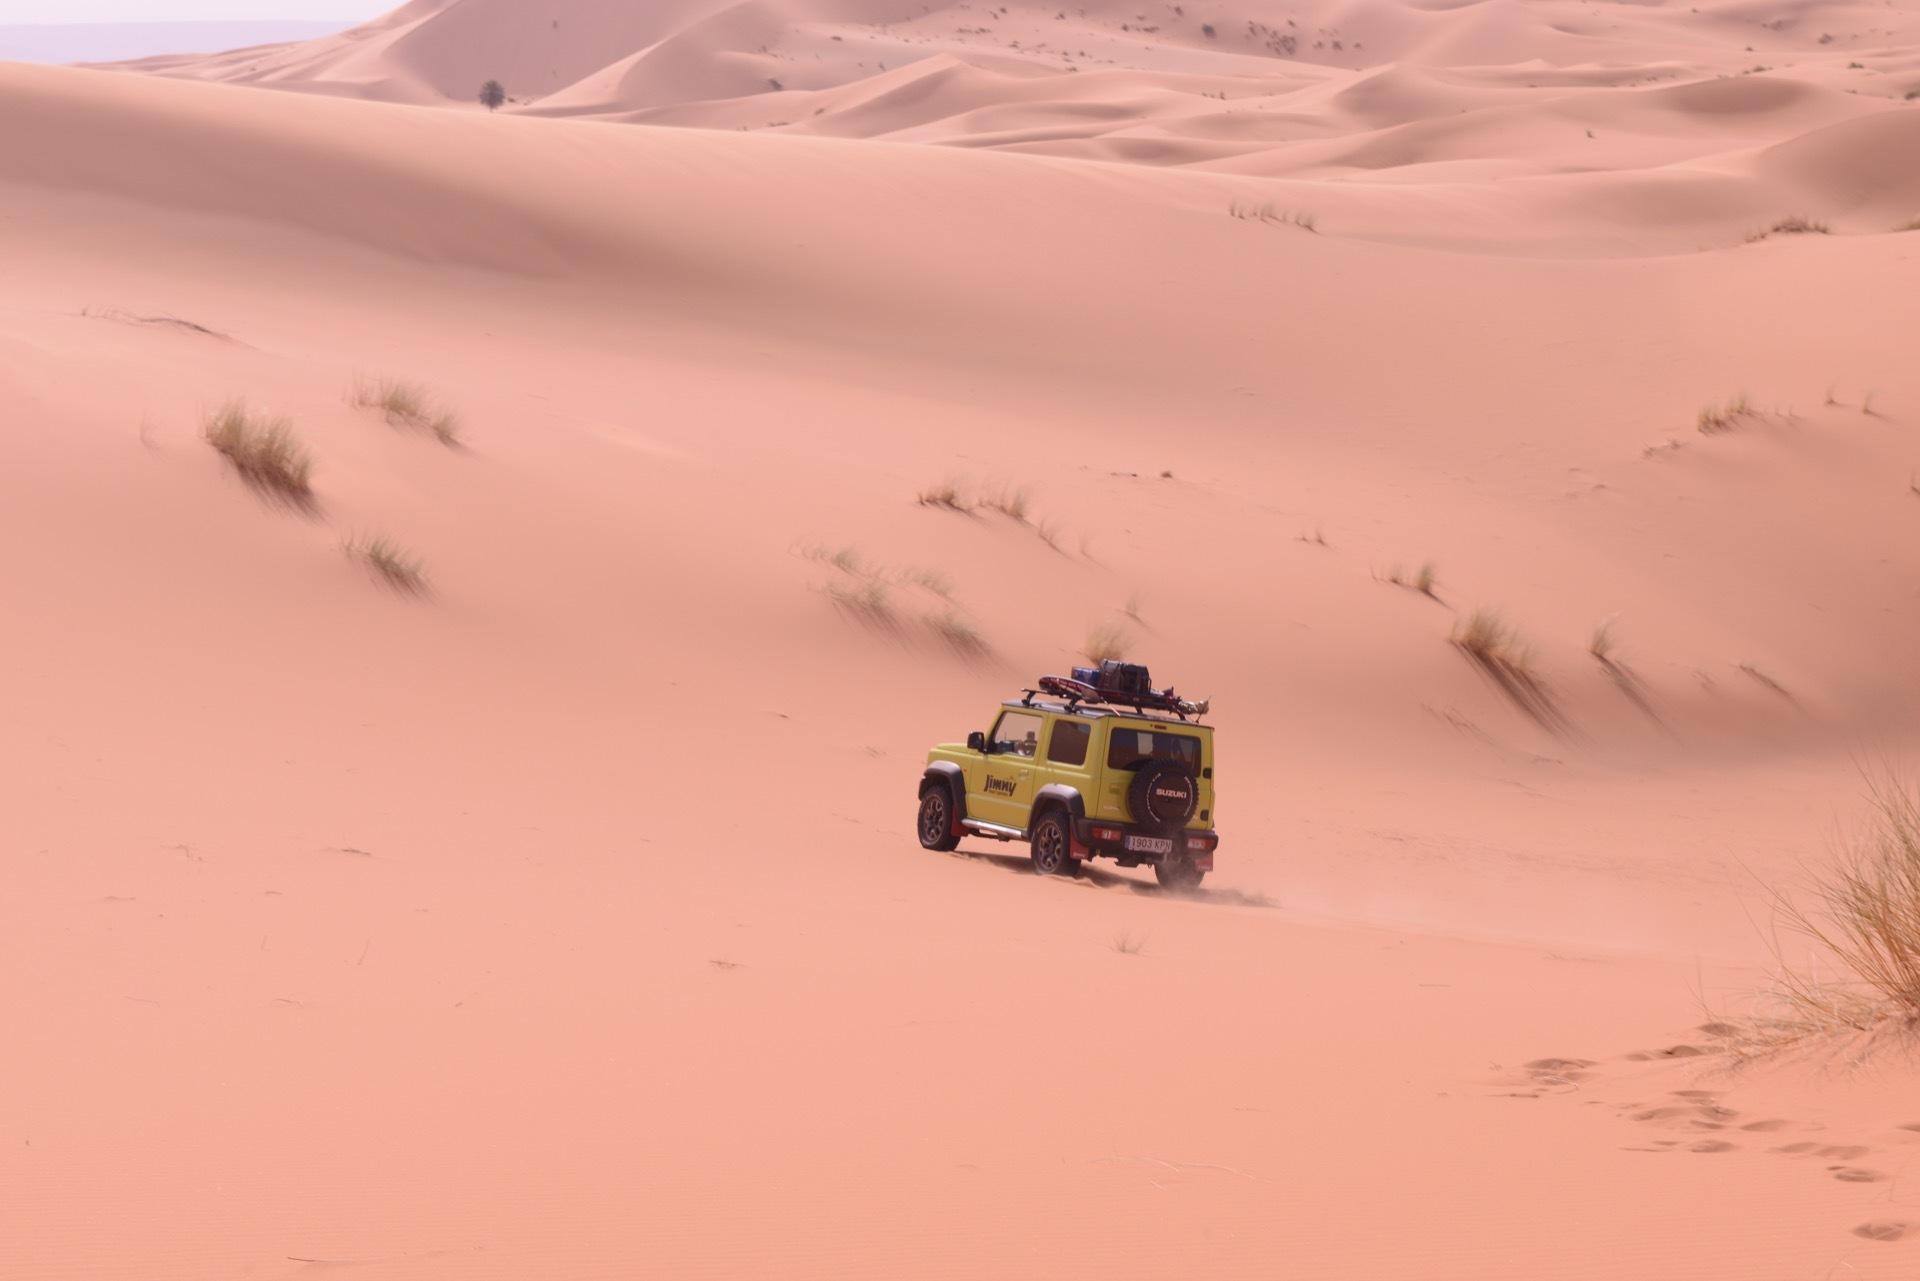 Suzuki Jimny Desert Experience 2019 00183